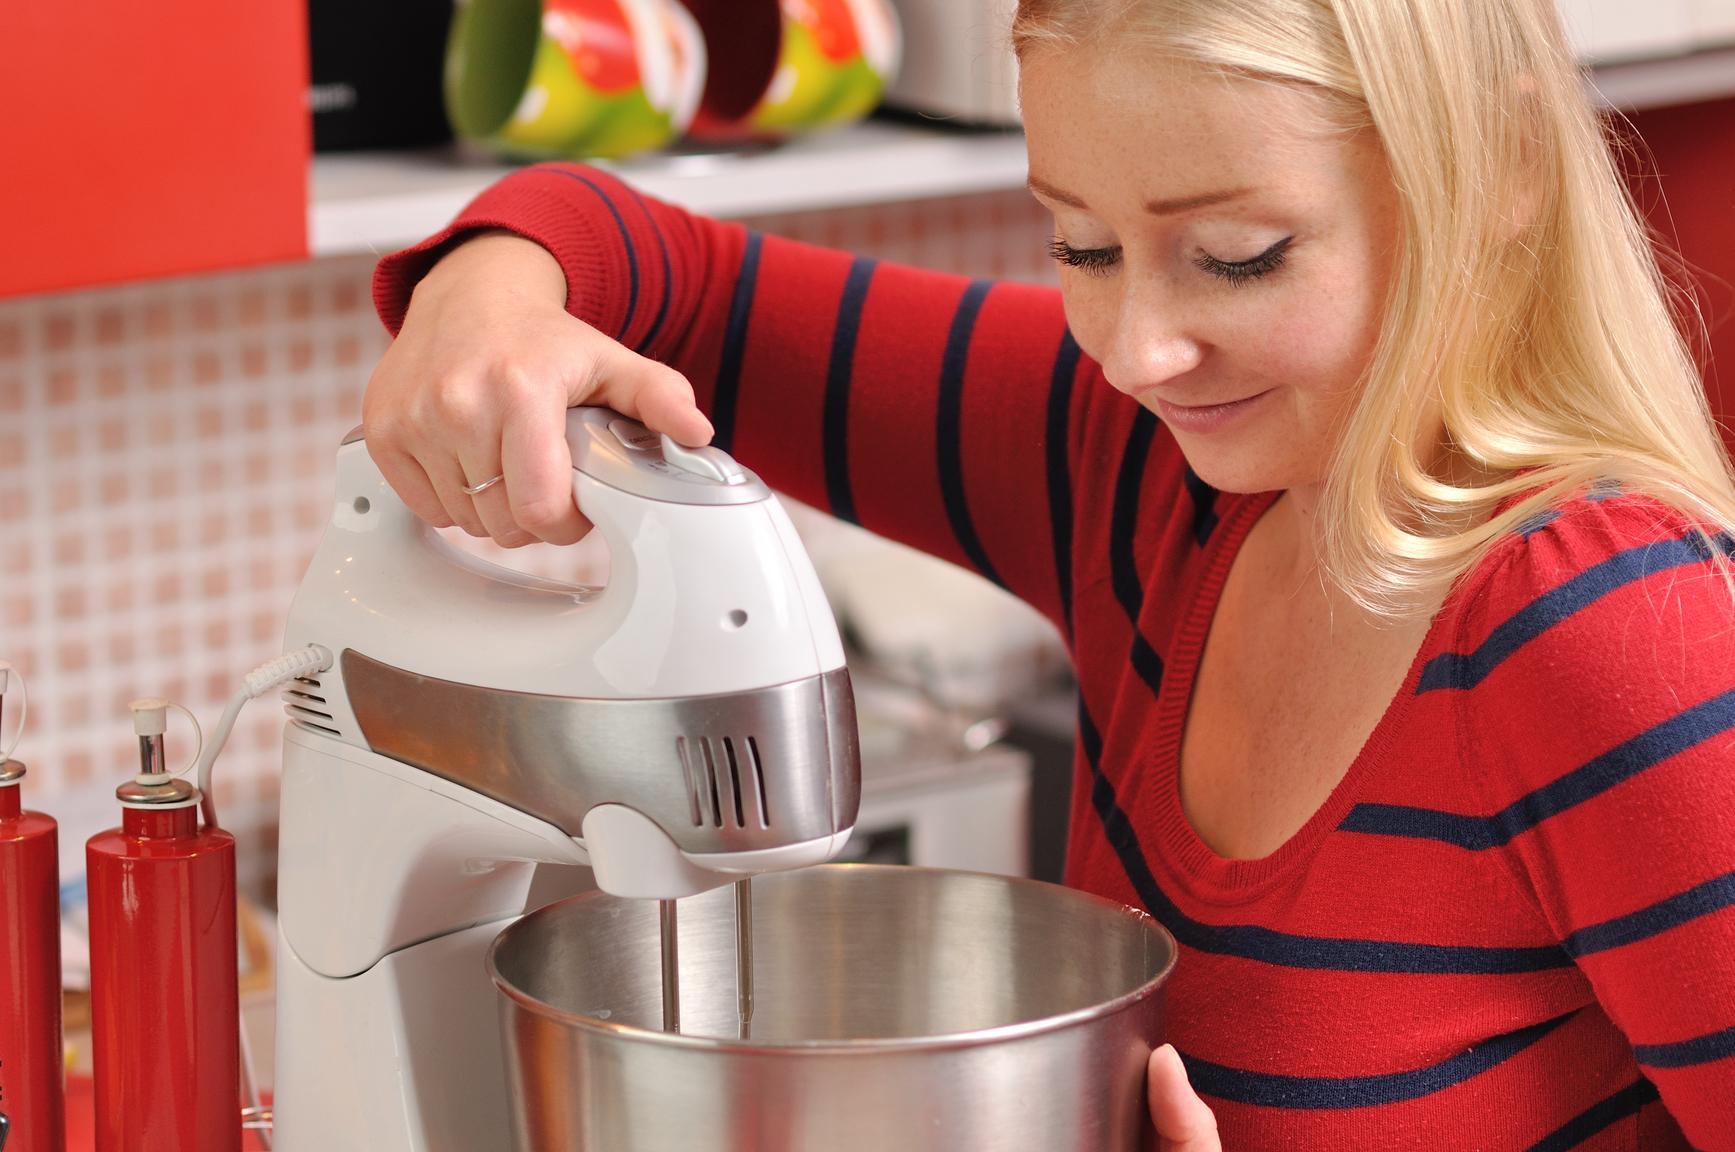 Migliori pentole per cucinare sano guida agli acquisti assodigitale - I migliori robot da cucina ...